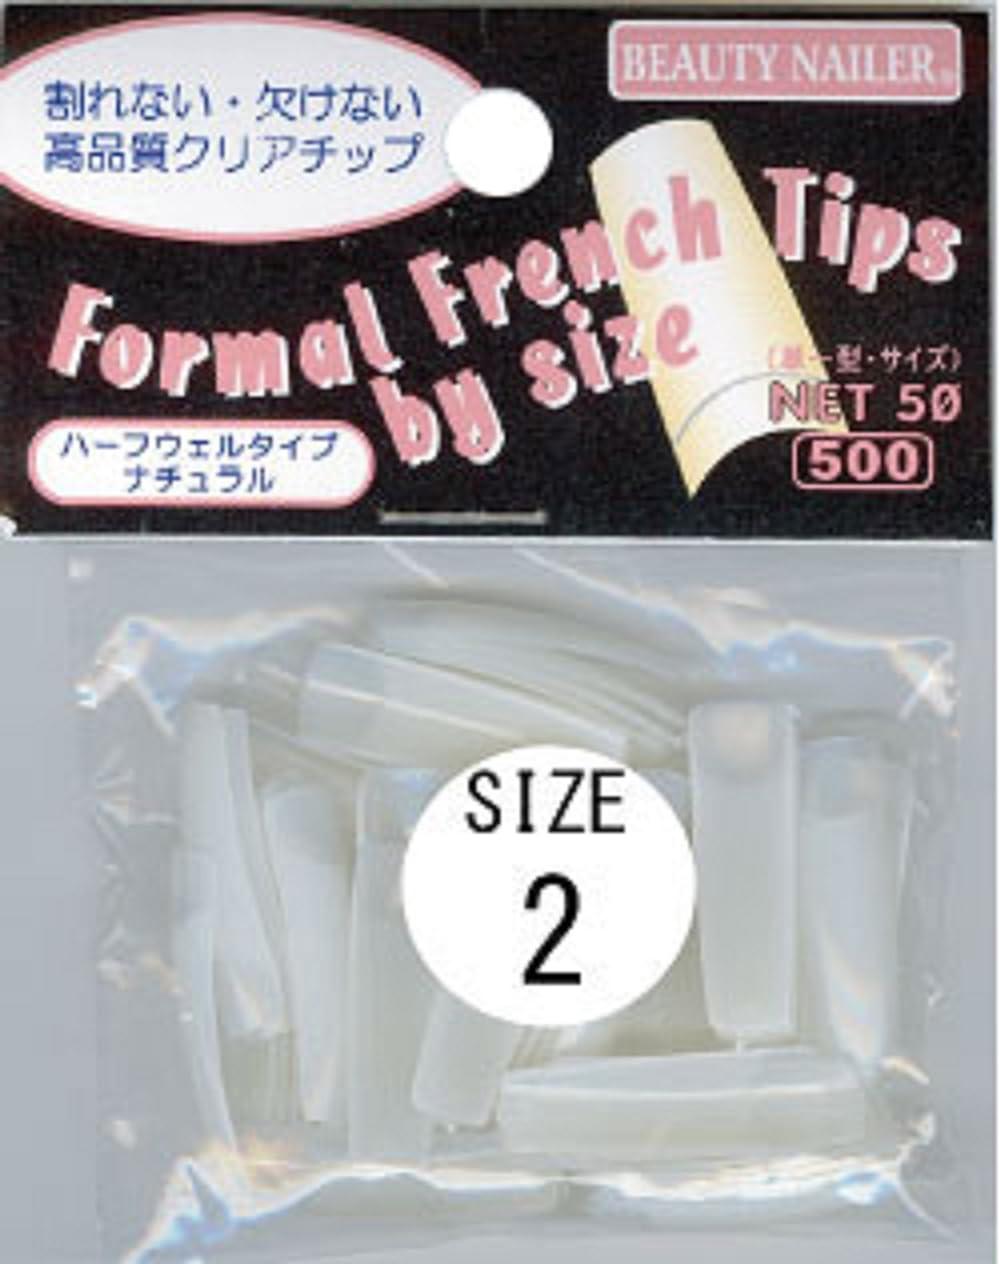 ドラム行供給フォーマルフレンチチップス バイサイズ FFN-2